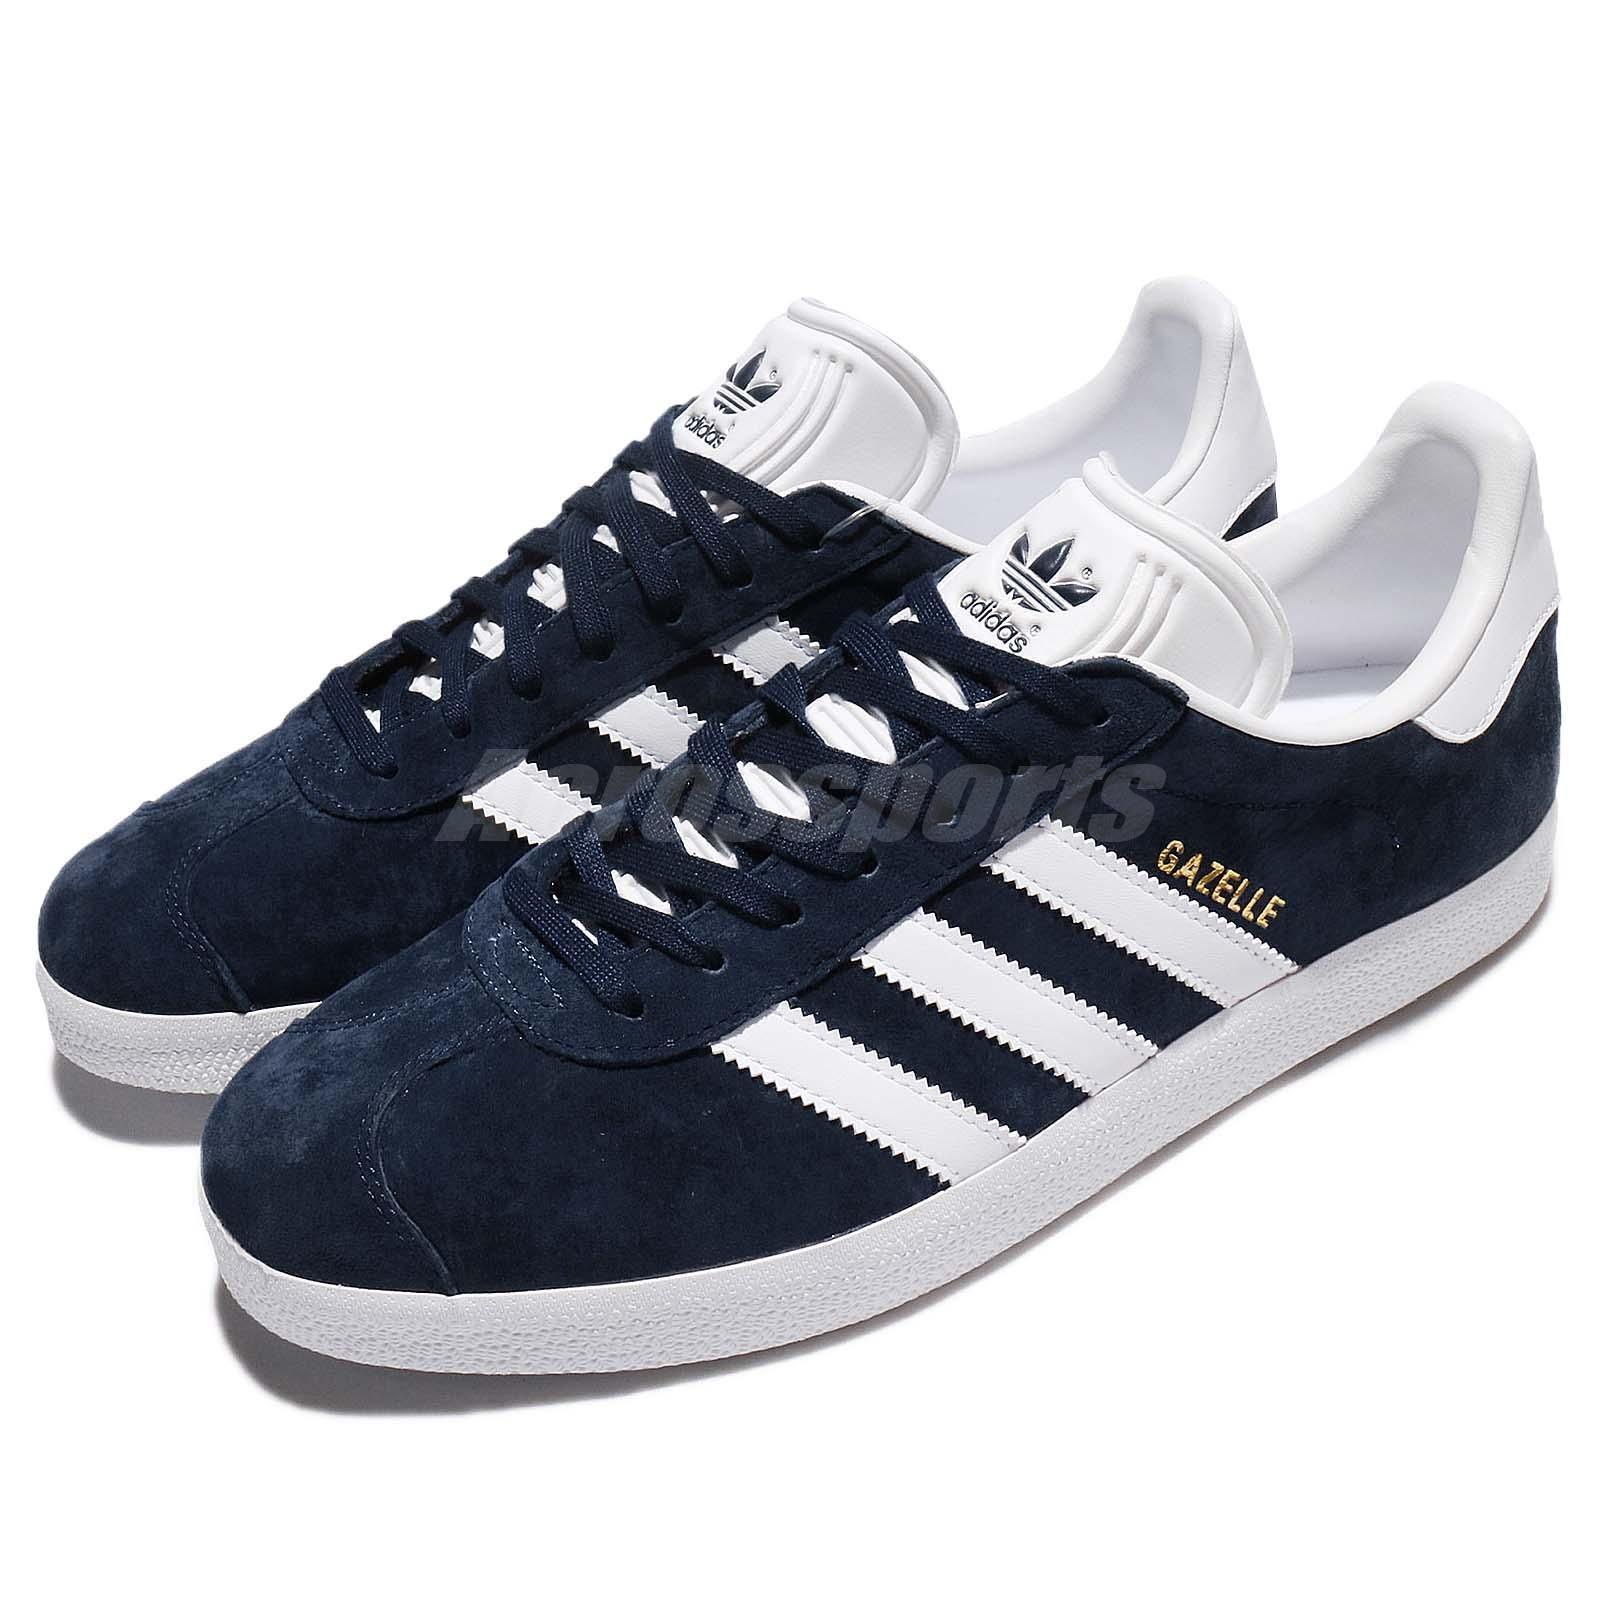 Adidas originali gazzella Uomo / donne casual scarpe casual donne classico scarpe - 1 7d268a